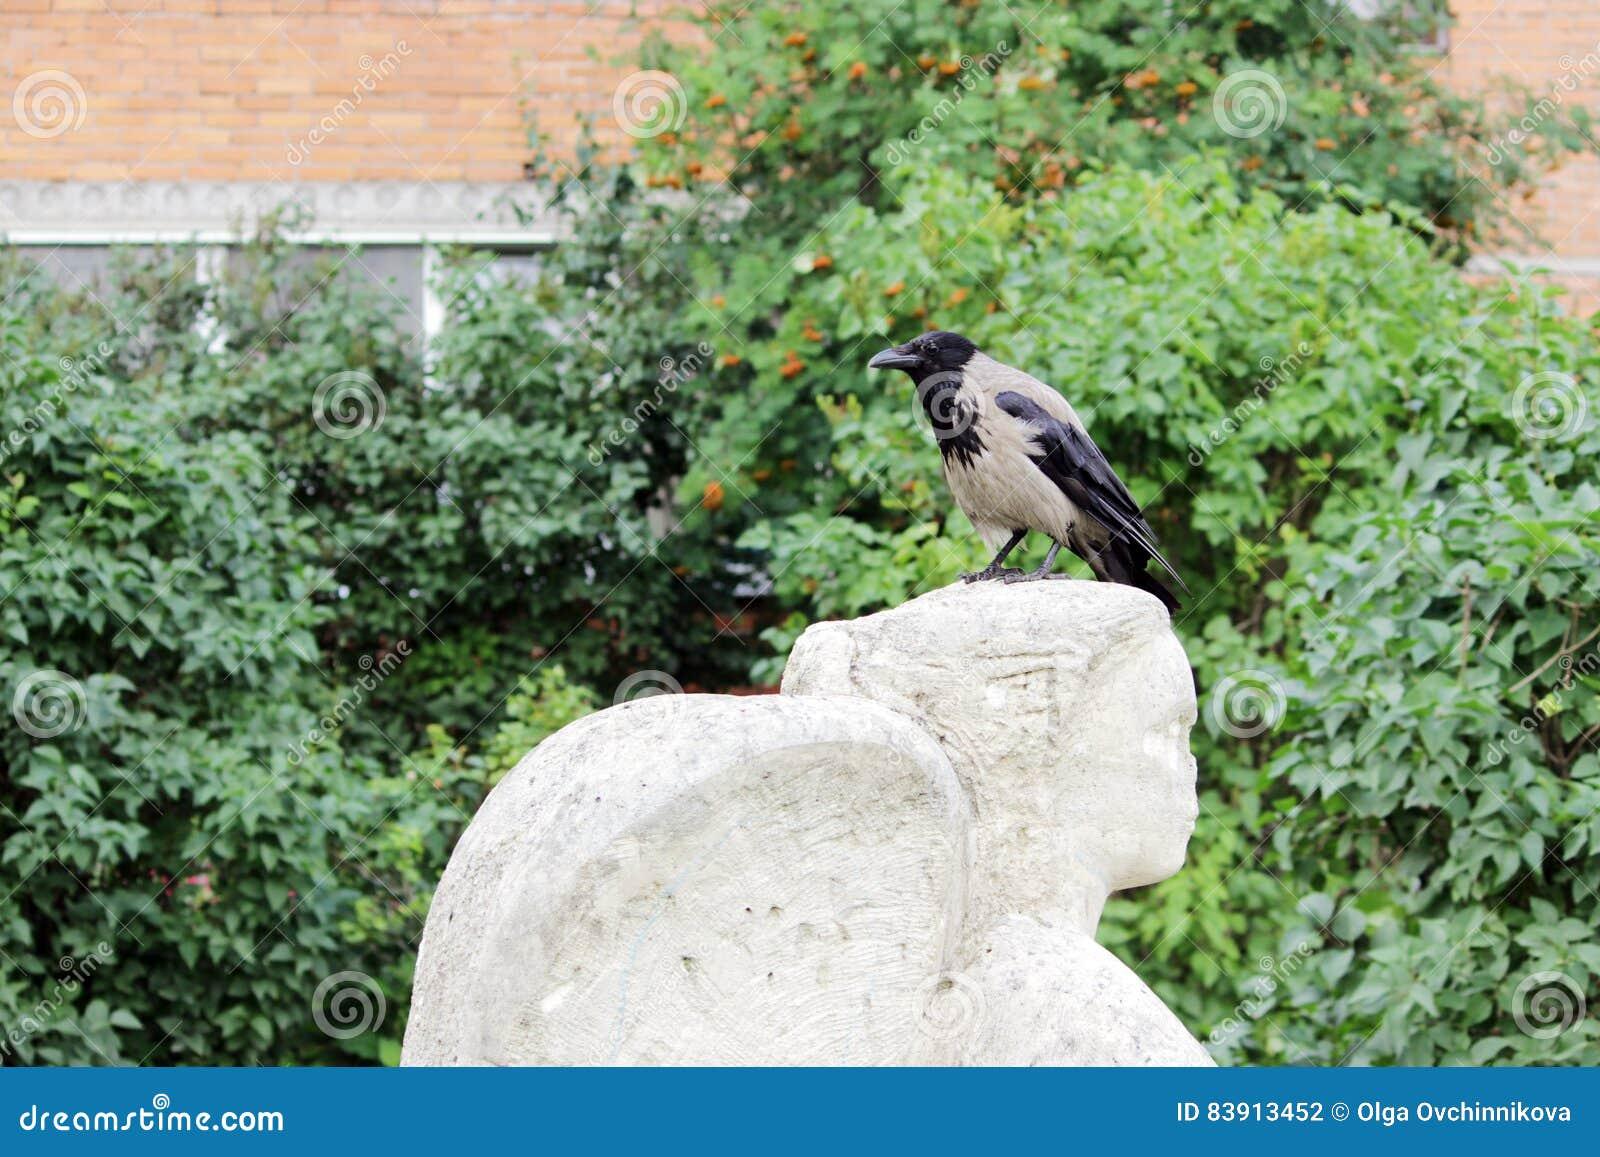 Ptasi kruk siedzi na głowie statua anioła który ostrożnie wprowadzać wandale szczerbiący się,